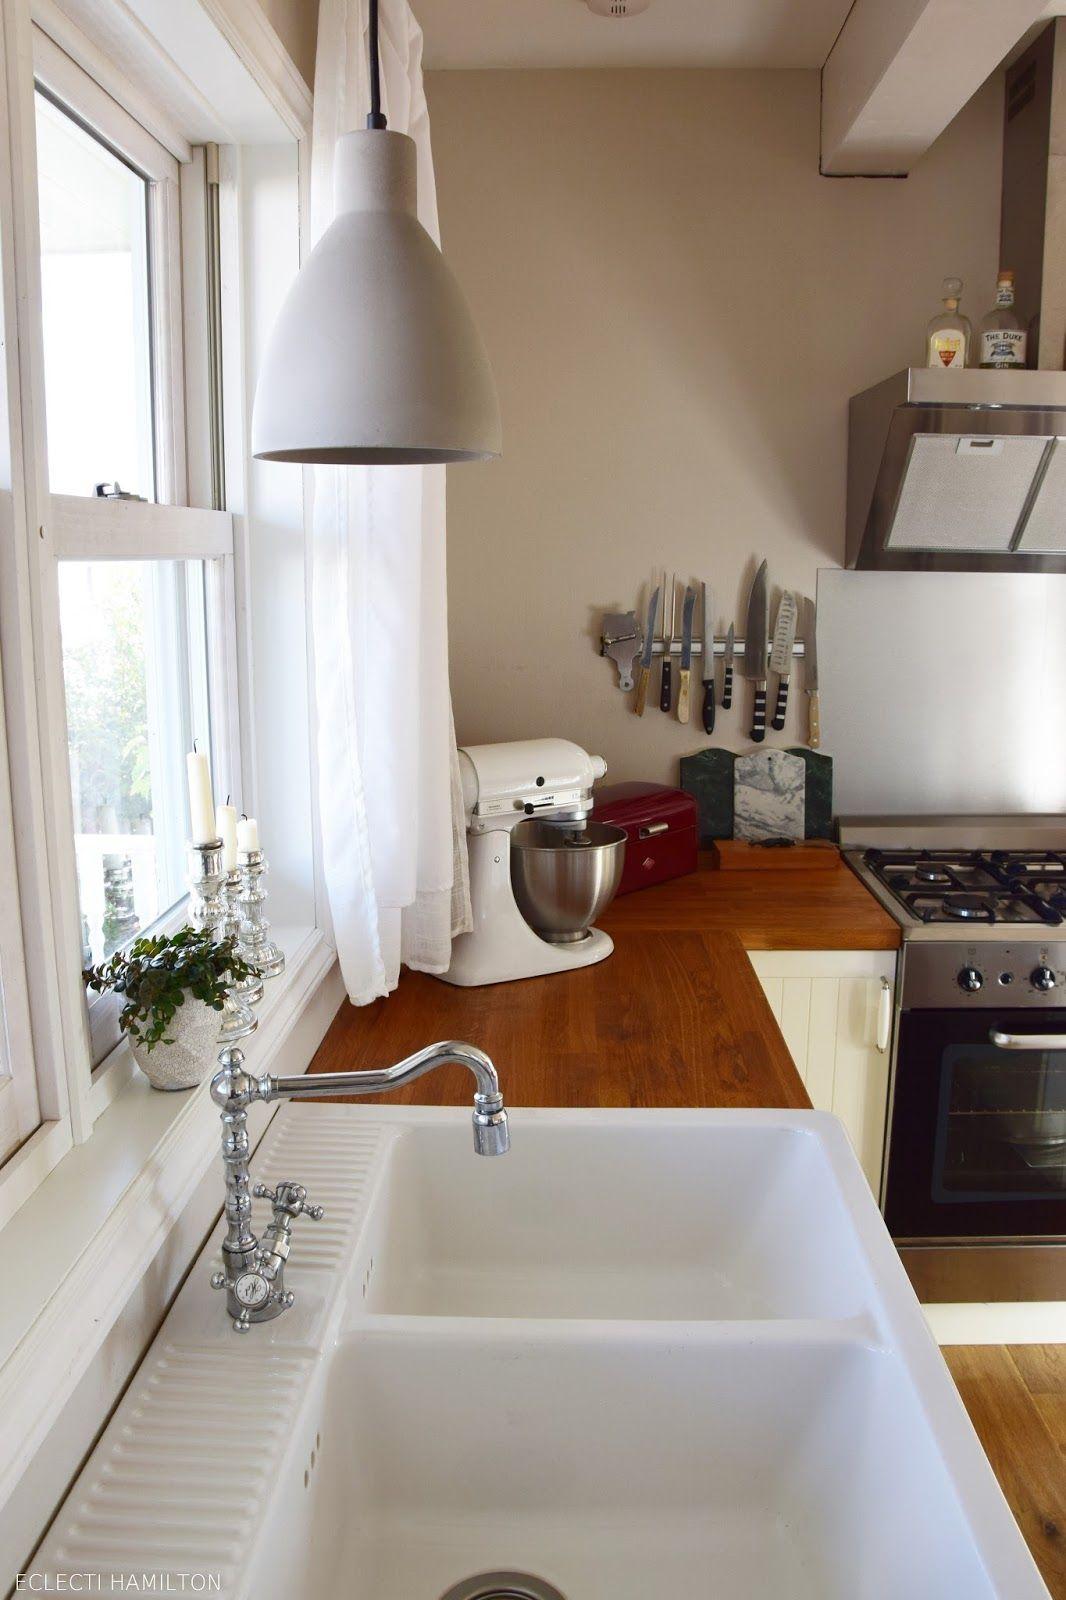 Full Size of Landhausküche Wandfarbe Grau Weiß Moderne Gebraucht Weisse Wohnzimmer Landhausküche Wandfarbe